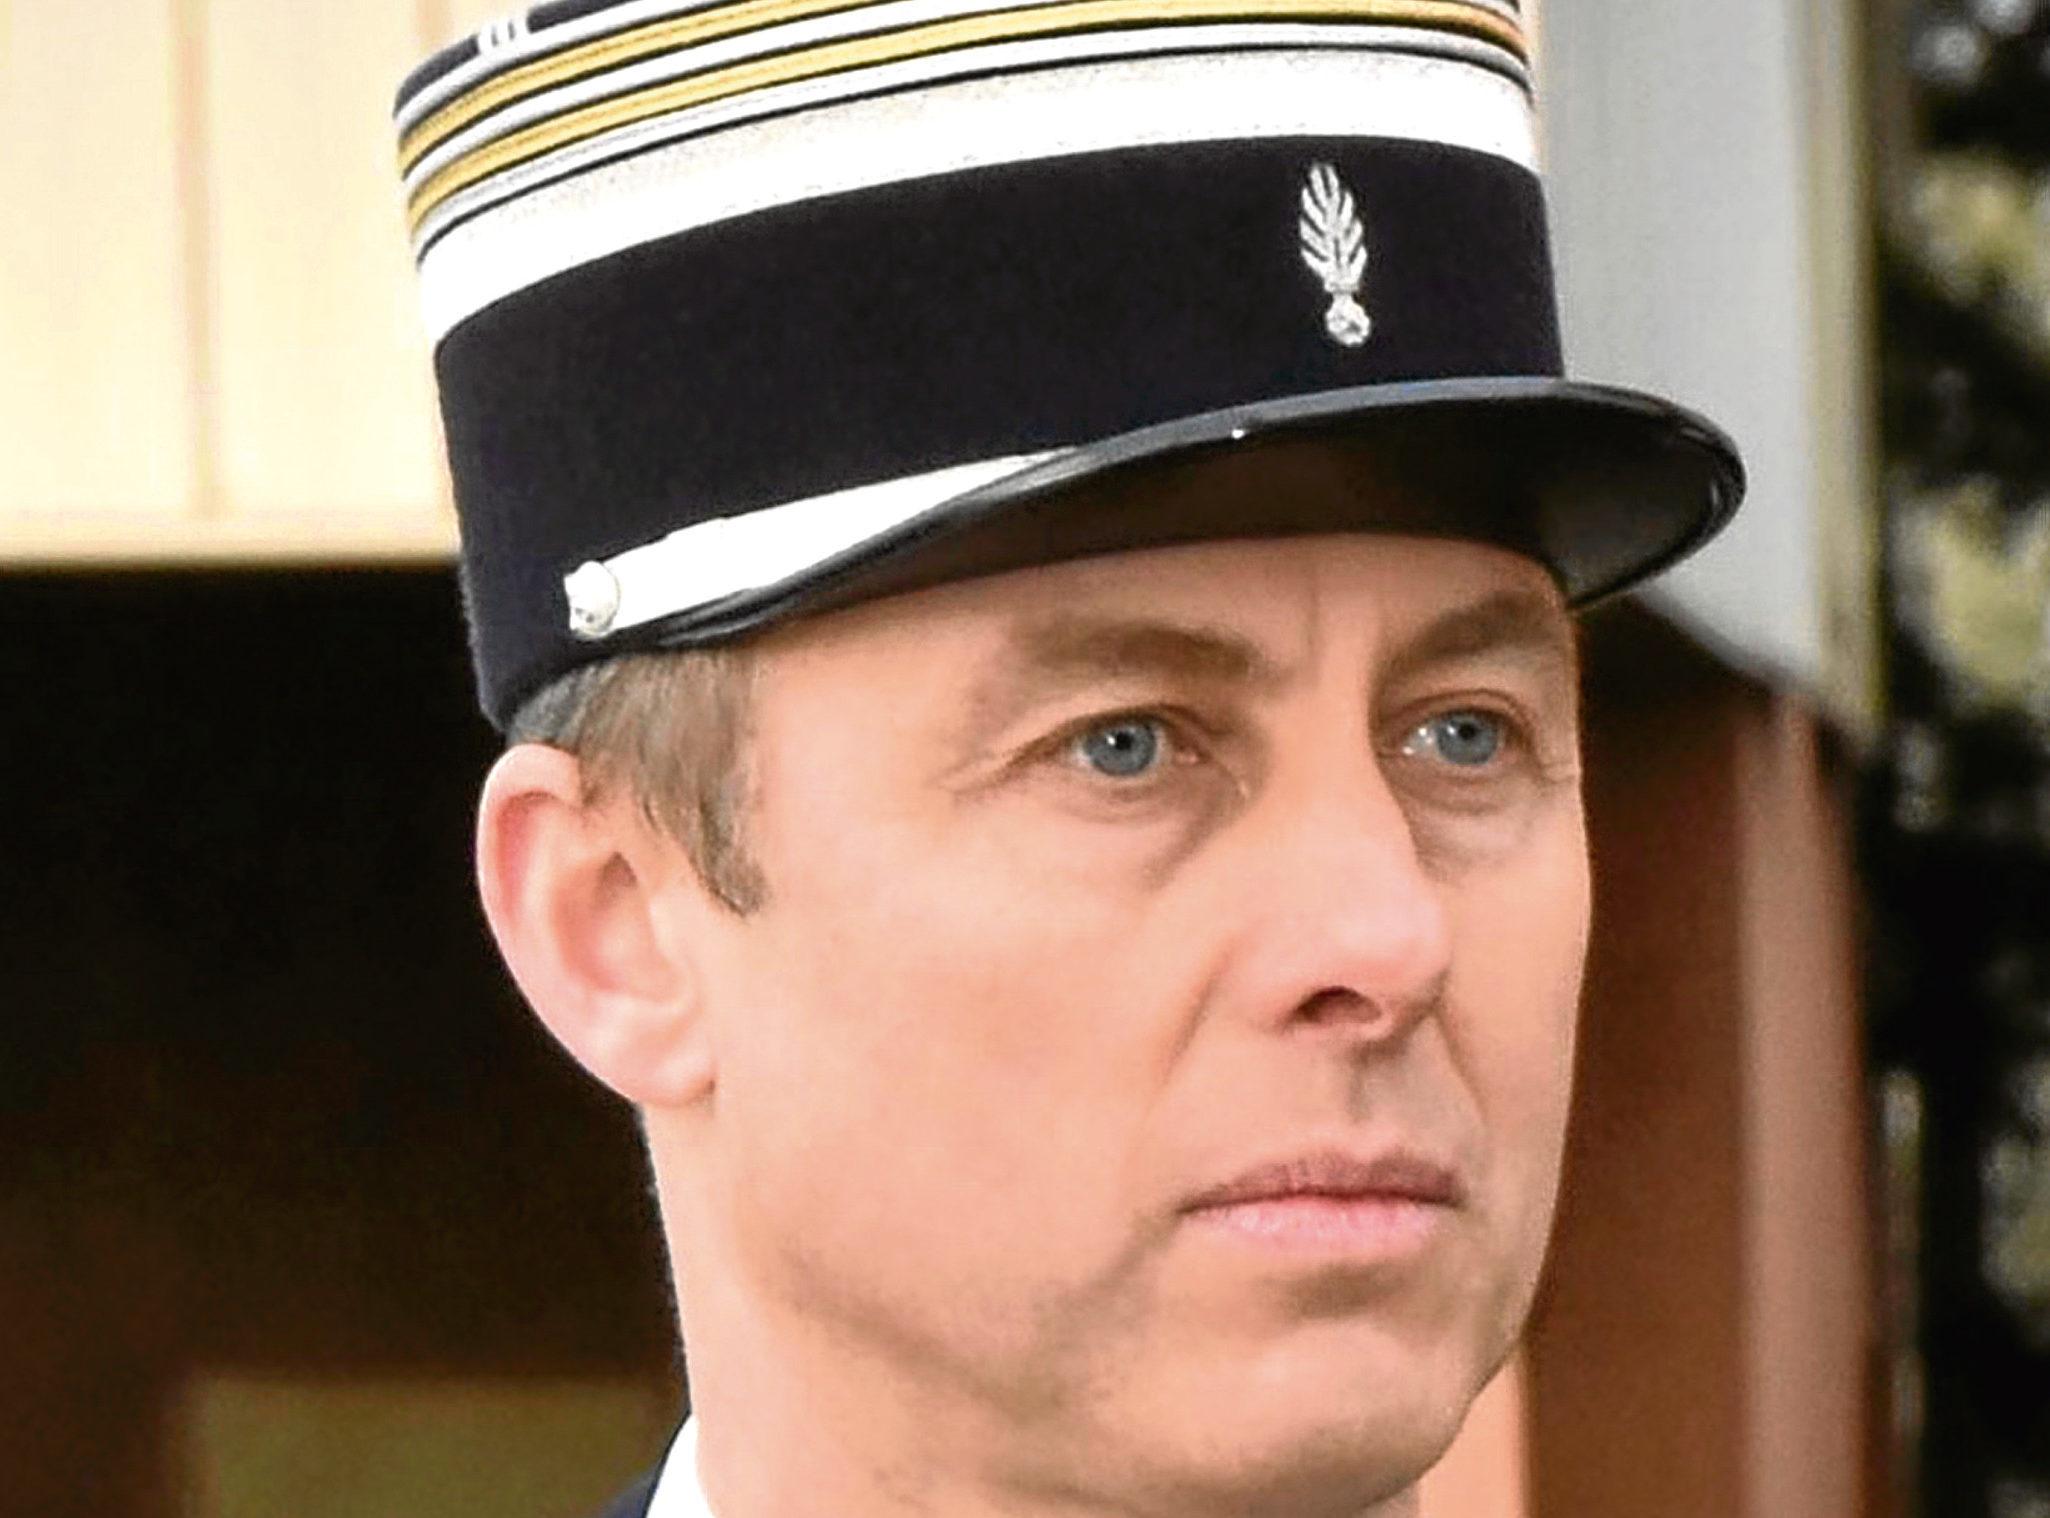 Lieutenant Colonel Arnaud Beltrame (Gendarmerie Nationale via AP)